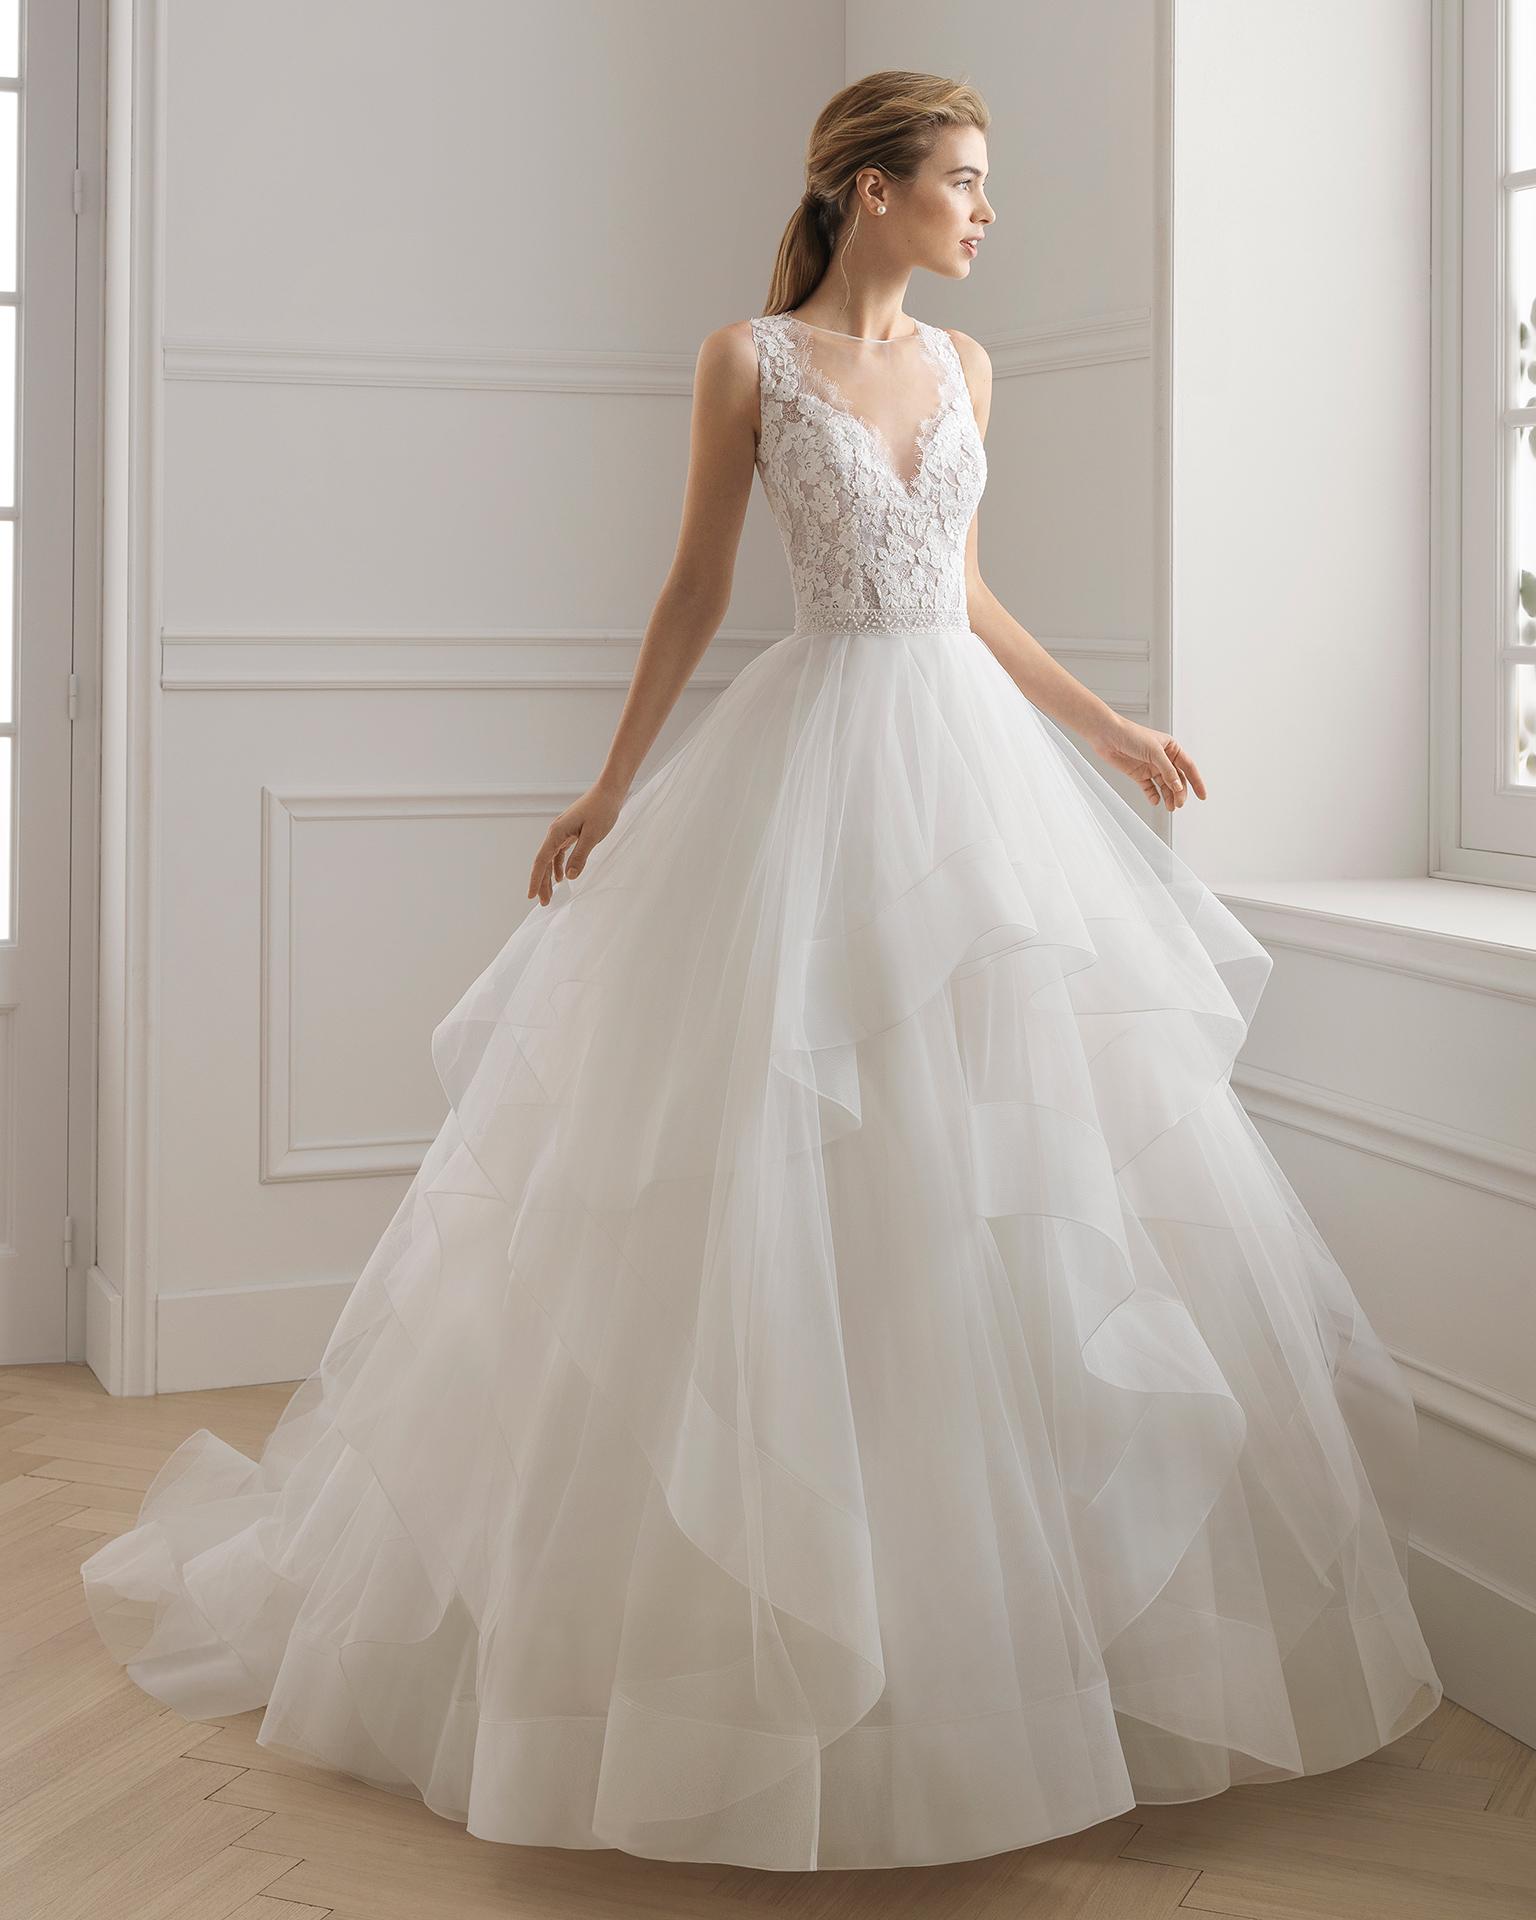 572e494fbf86 Abito da sposa stile principessa di pizzo con strass e volant di tulle.  Scollo a